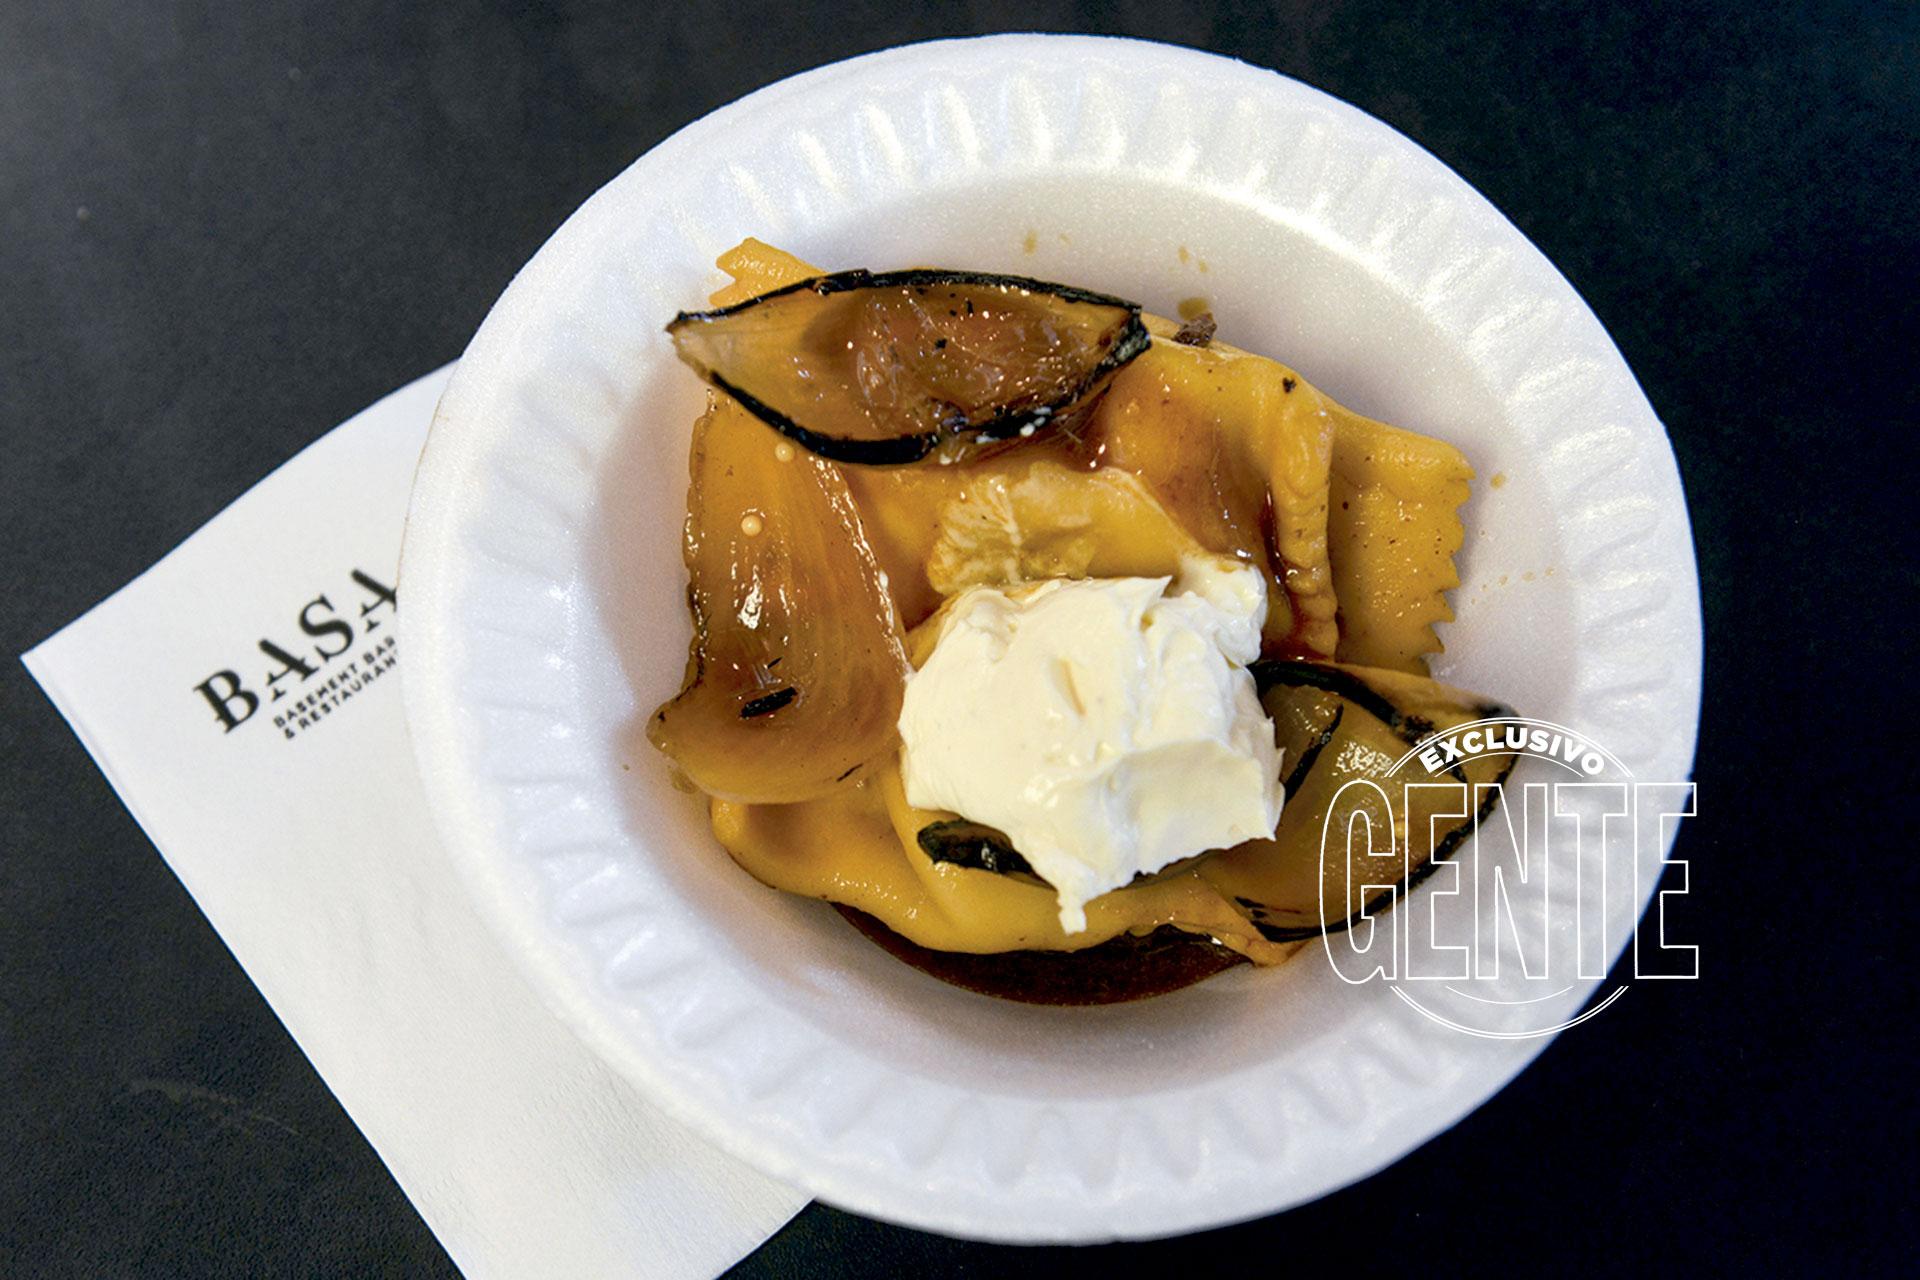 Los platos impredibles de la feria gastronmica ms